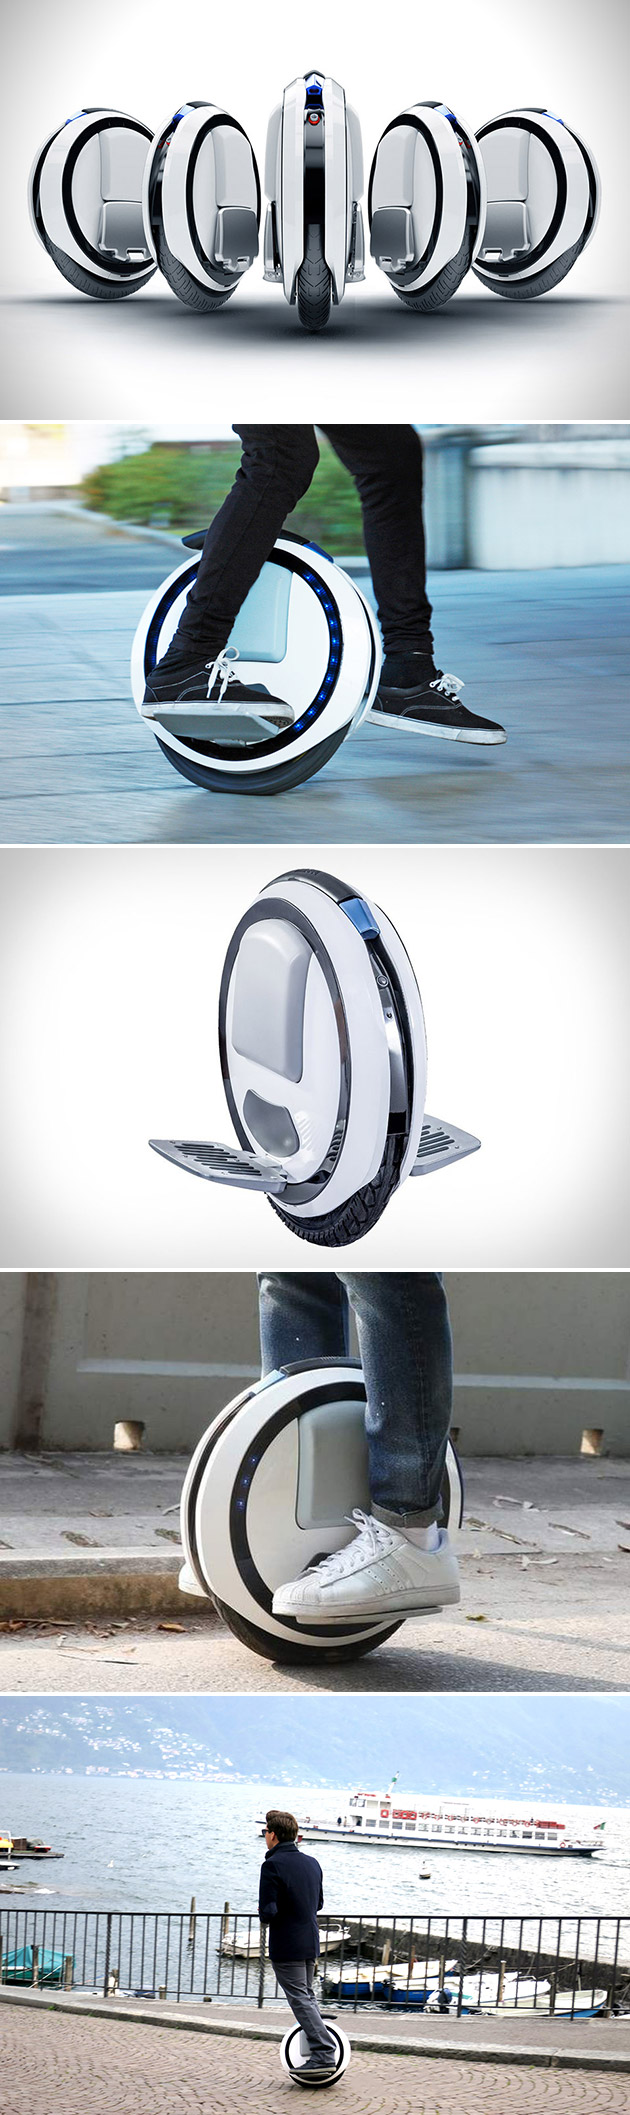 Ninebot Electric Self-Balancing Unicycle